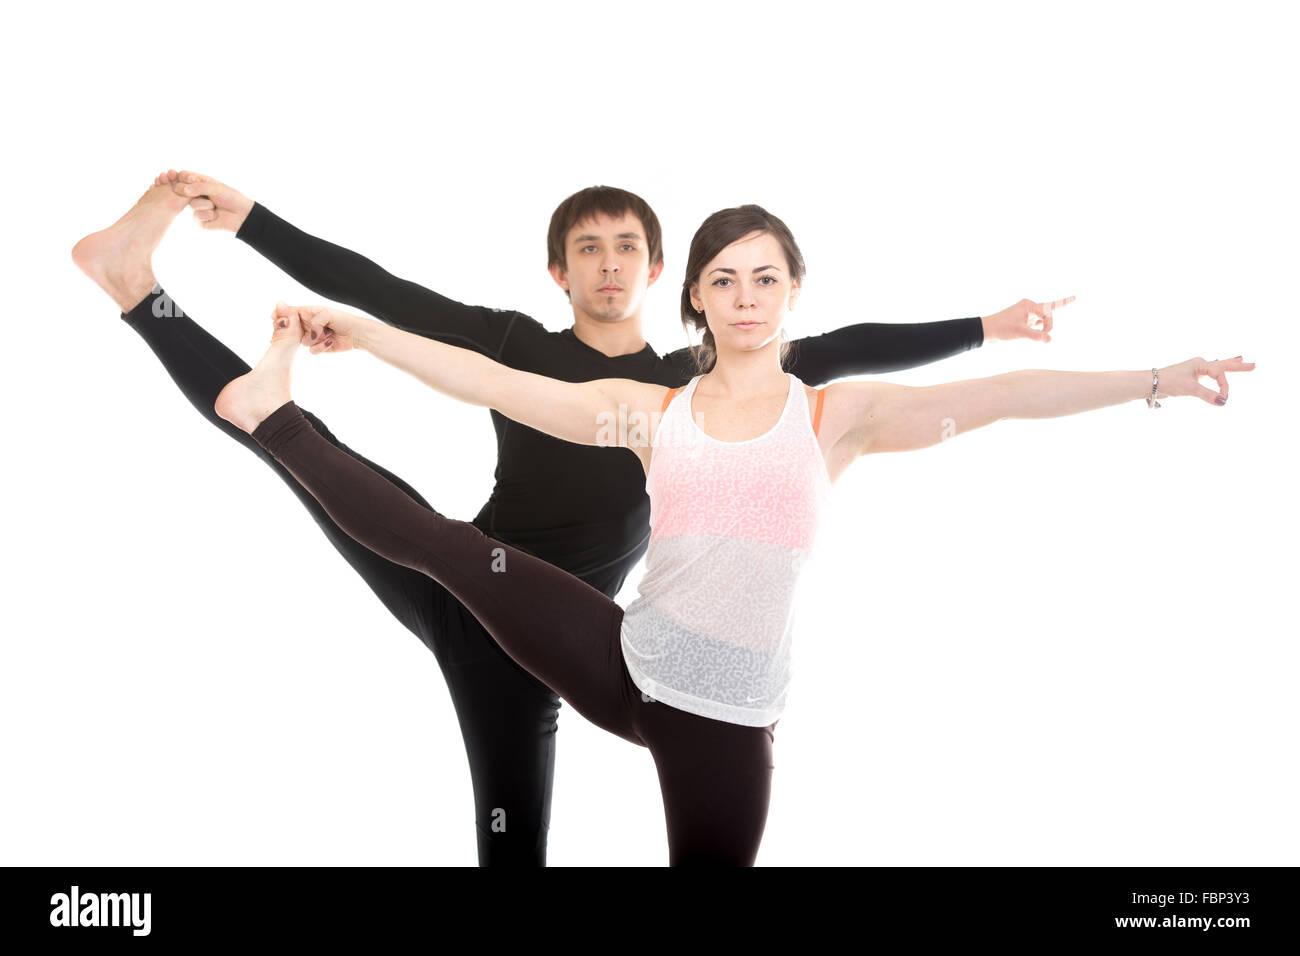 Dos personas deportivo practicar yoga con pareja 38dbc246716d